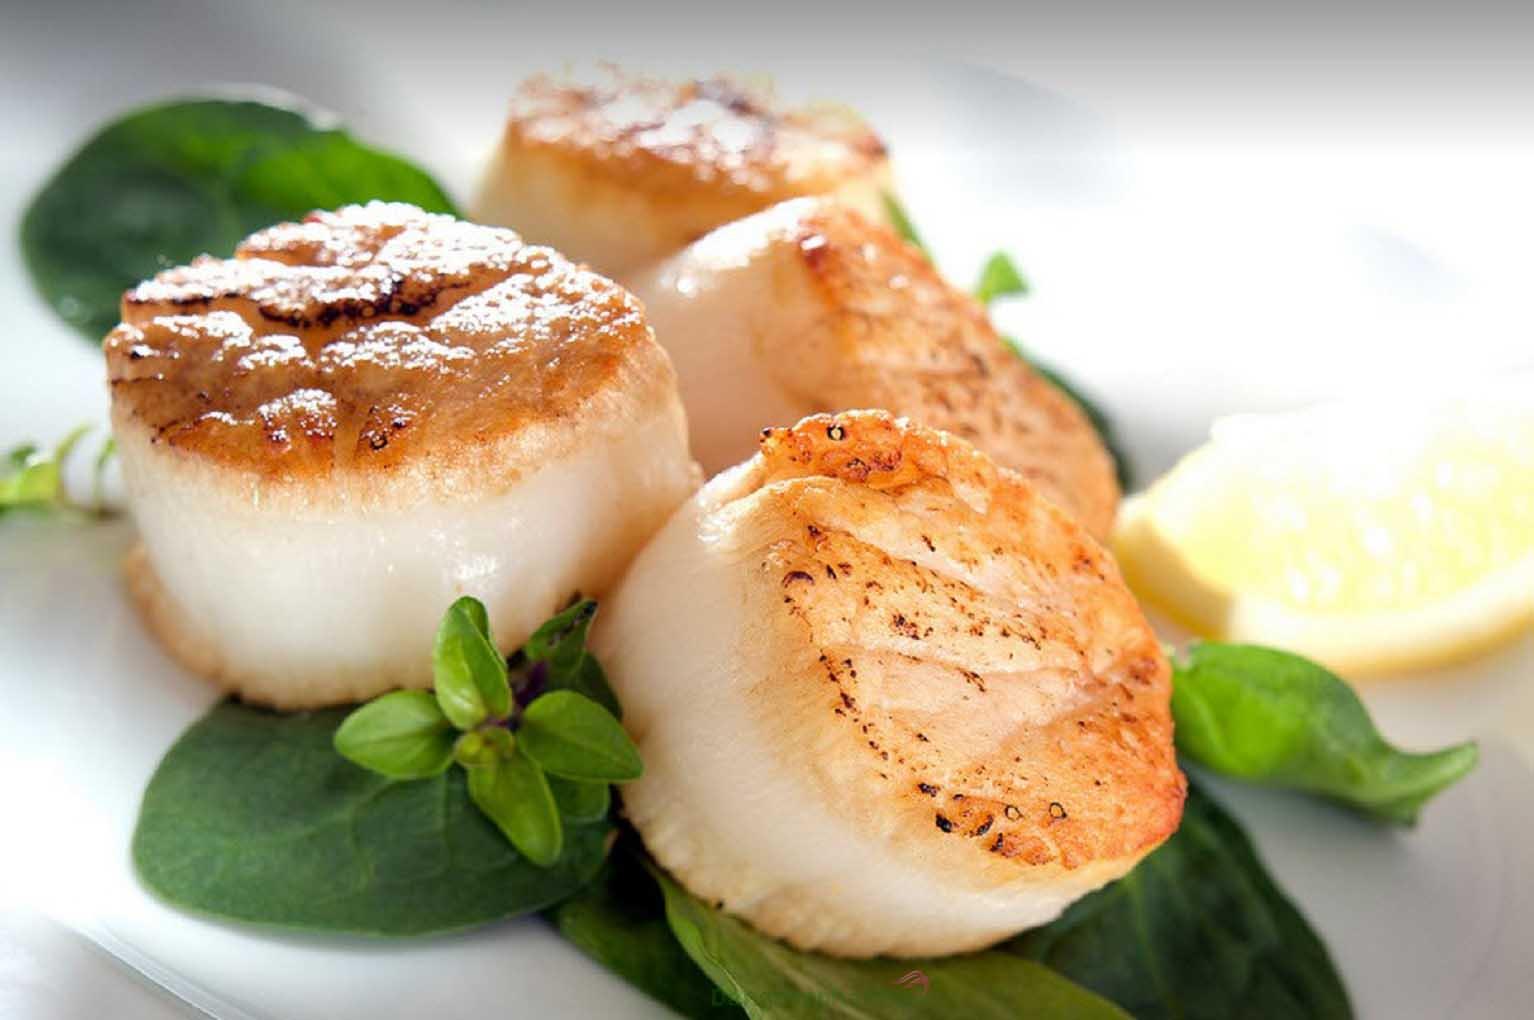 Cồi sò điệp là nguyên liệu hảo hạng cho các món ăn giàu giá trị dinh dưỡng